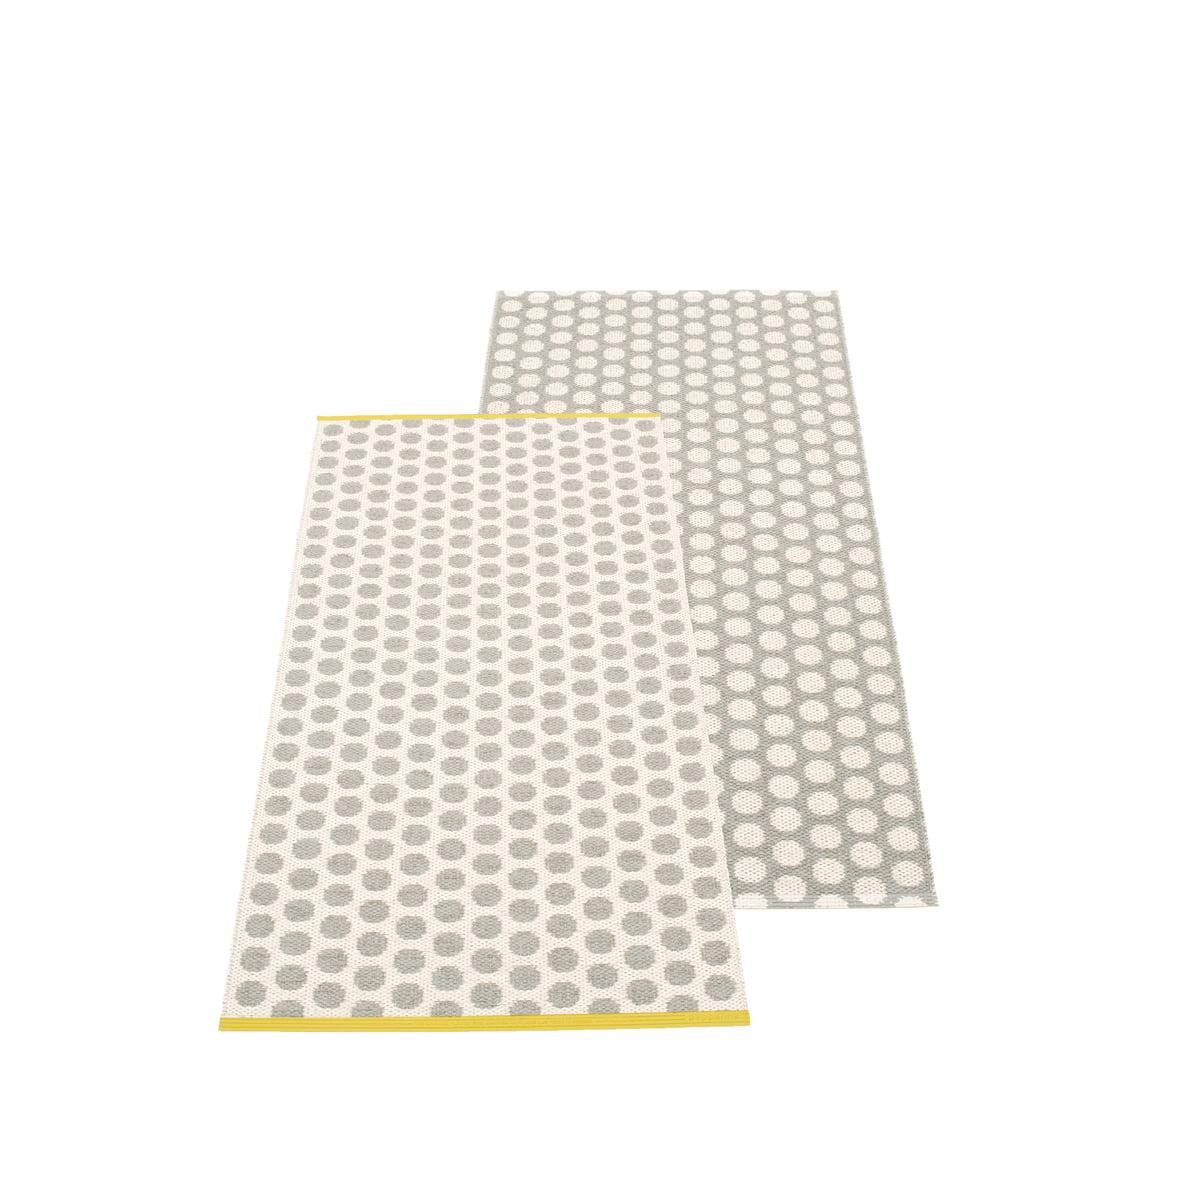 Pappelina noa wendeteppich 70 x 150 cm warm grey vanilla mustard edge einzel